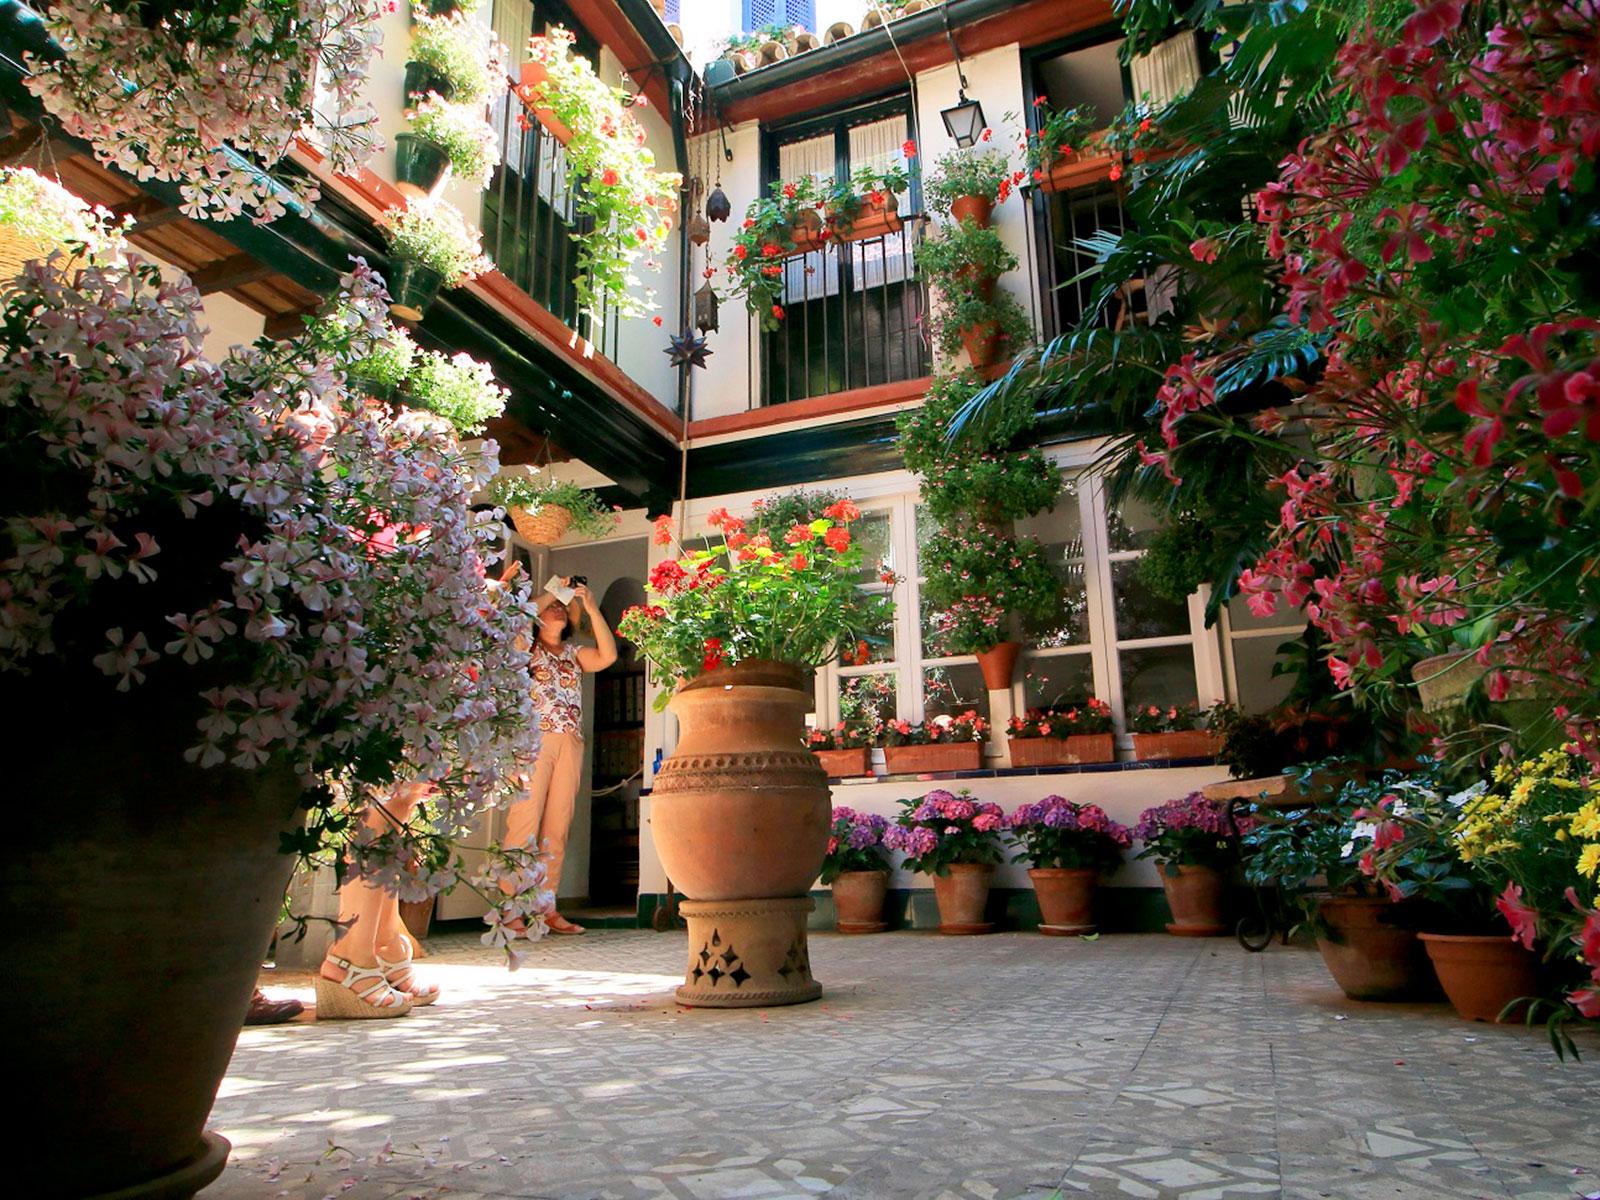 Visitar los patios de Córdoba